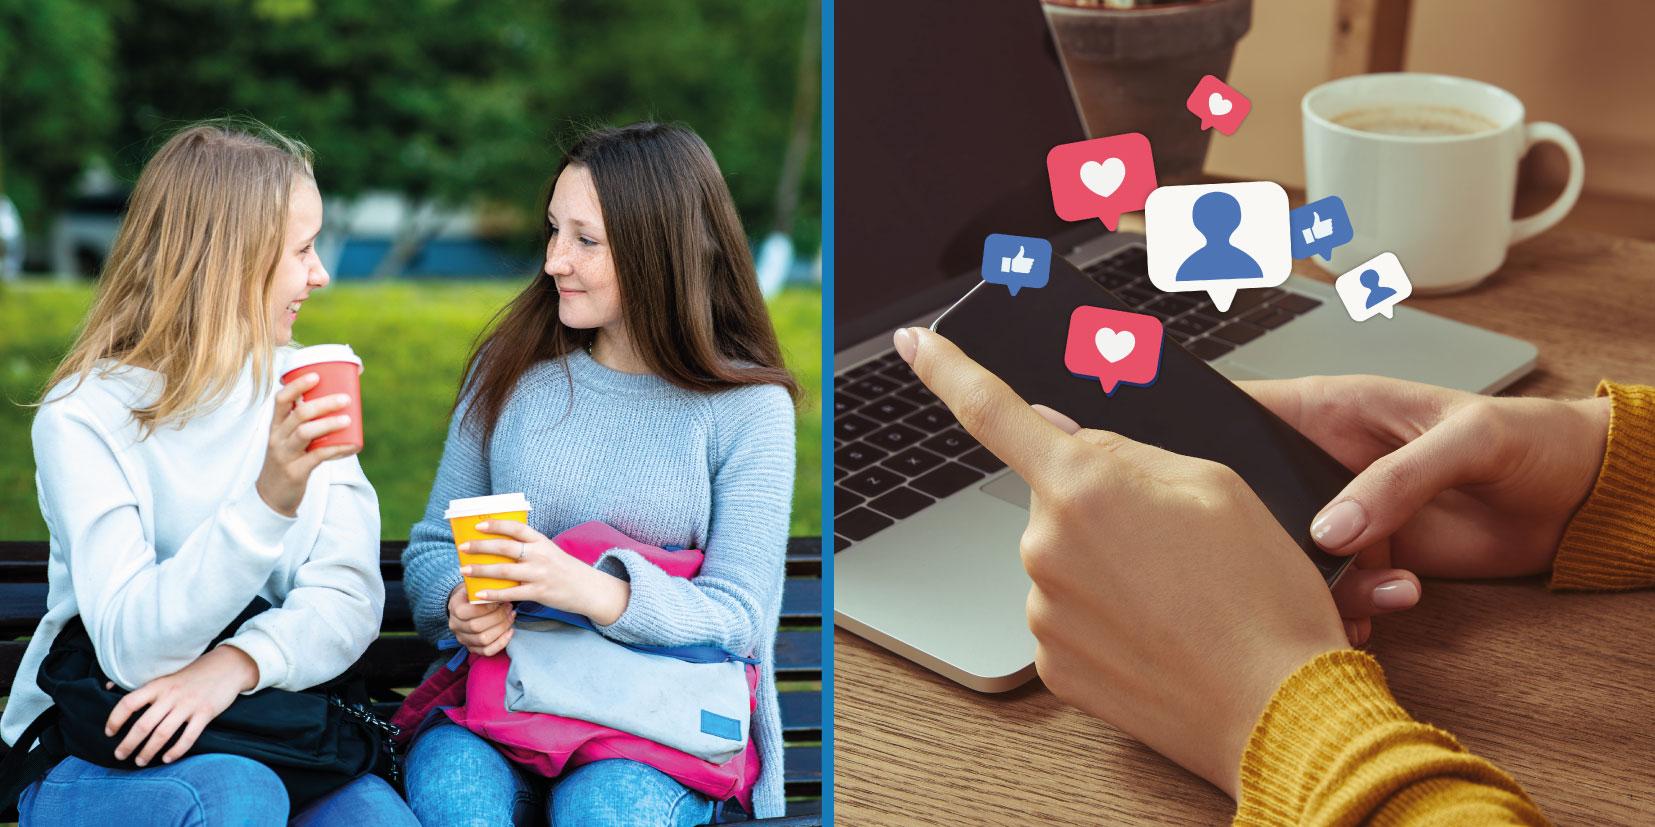 """""""Relazioni face to face e web mediate"""" - articolo di Jessica Guidi"""